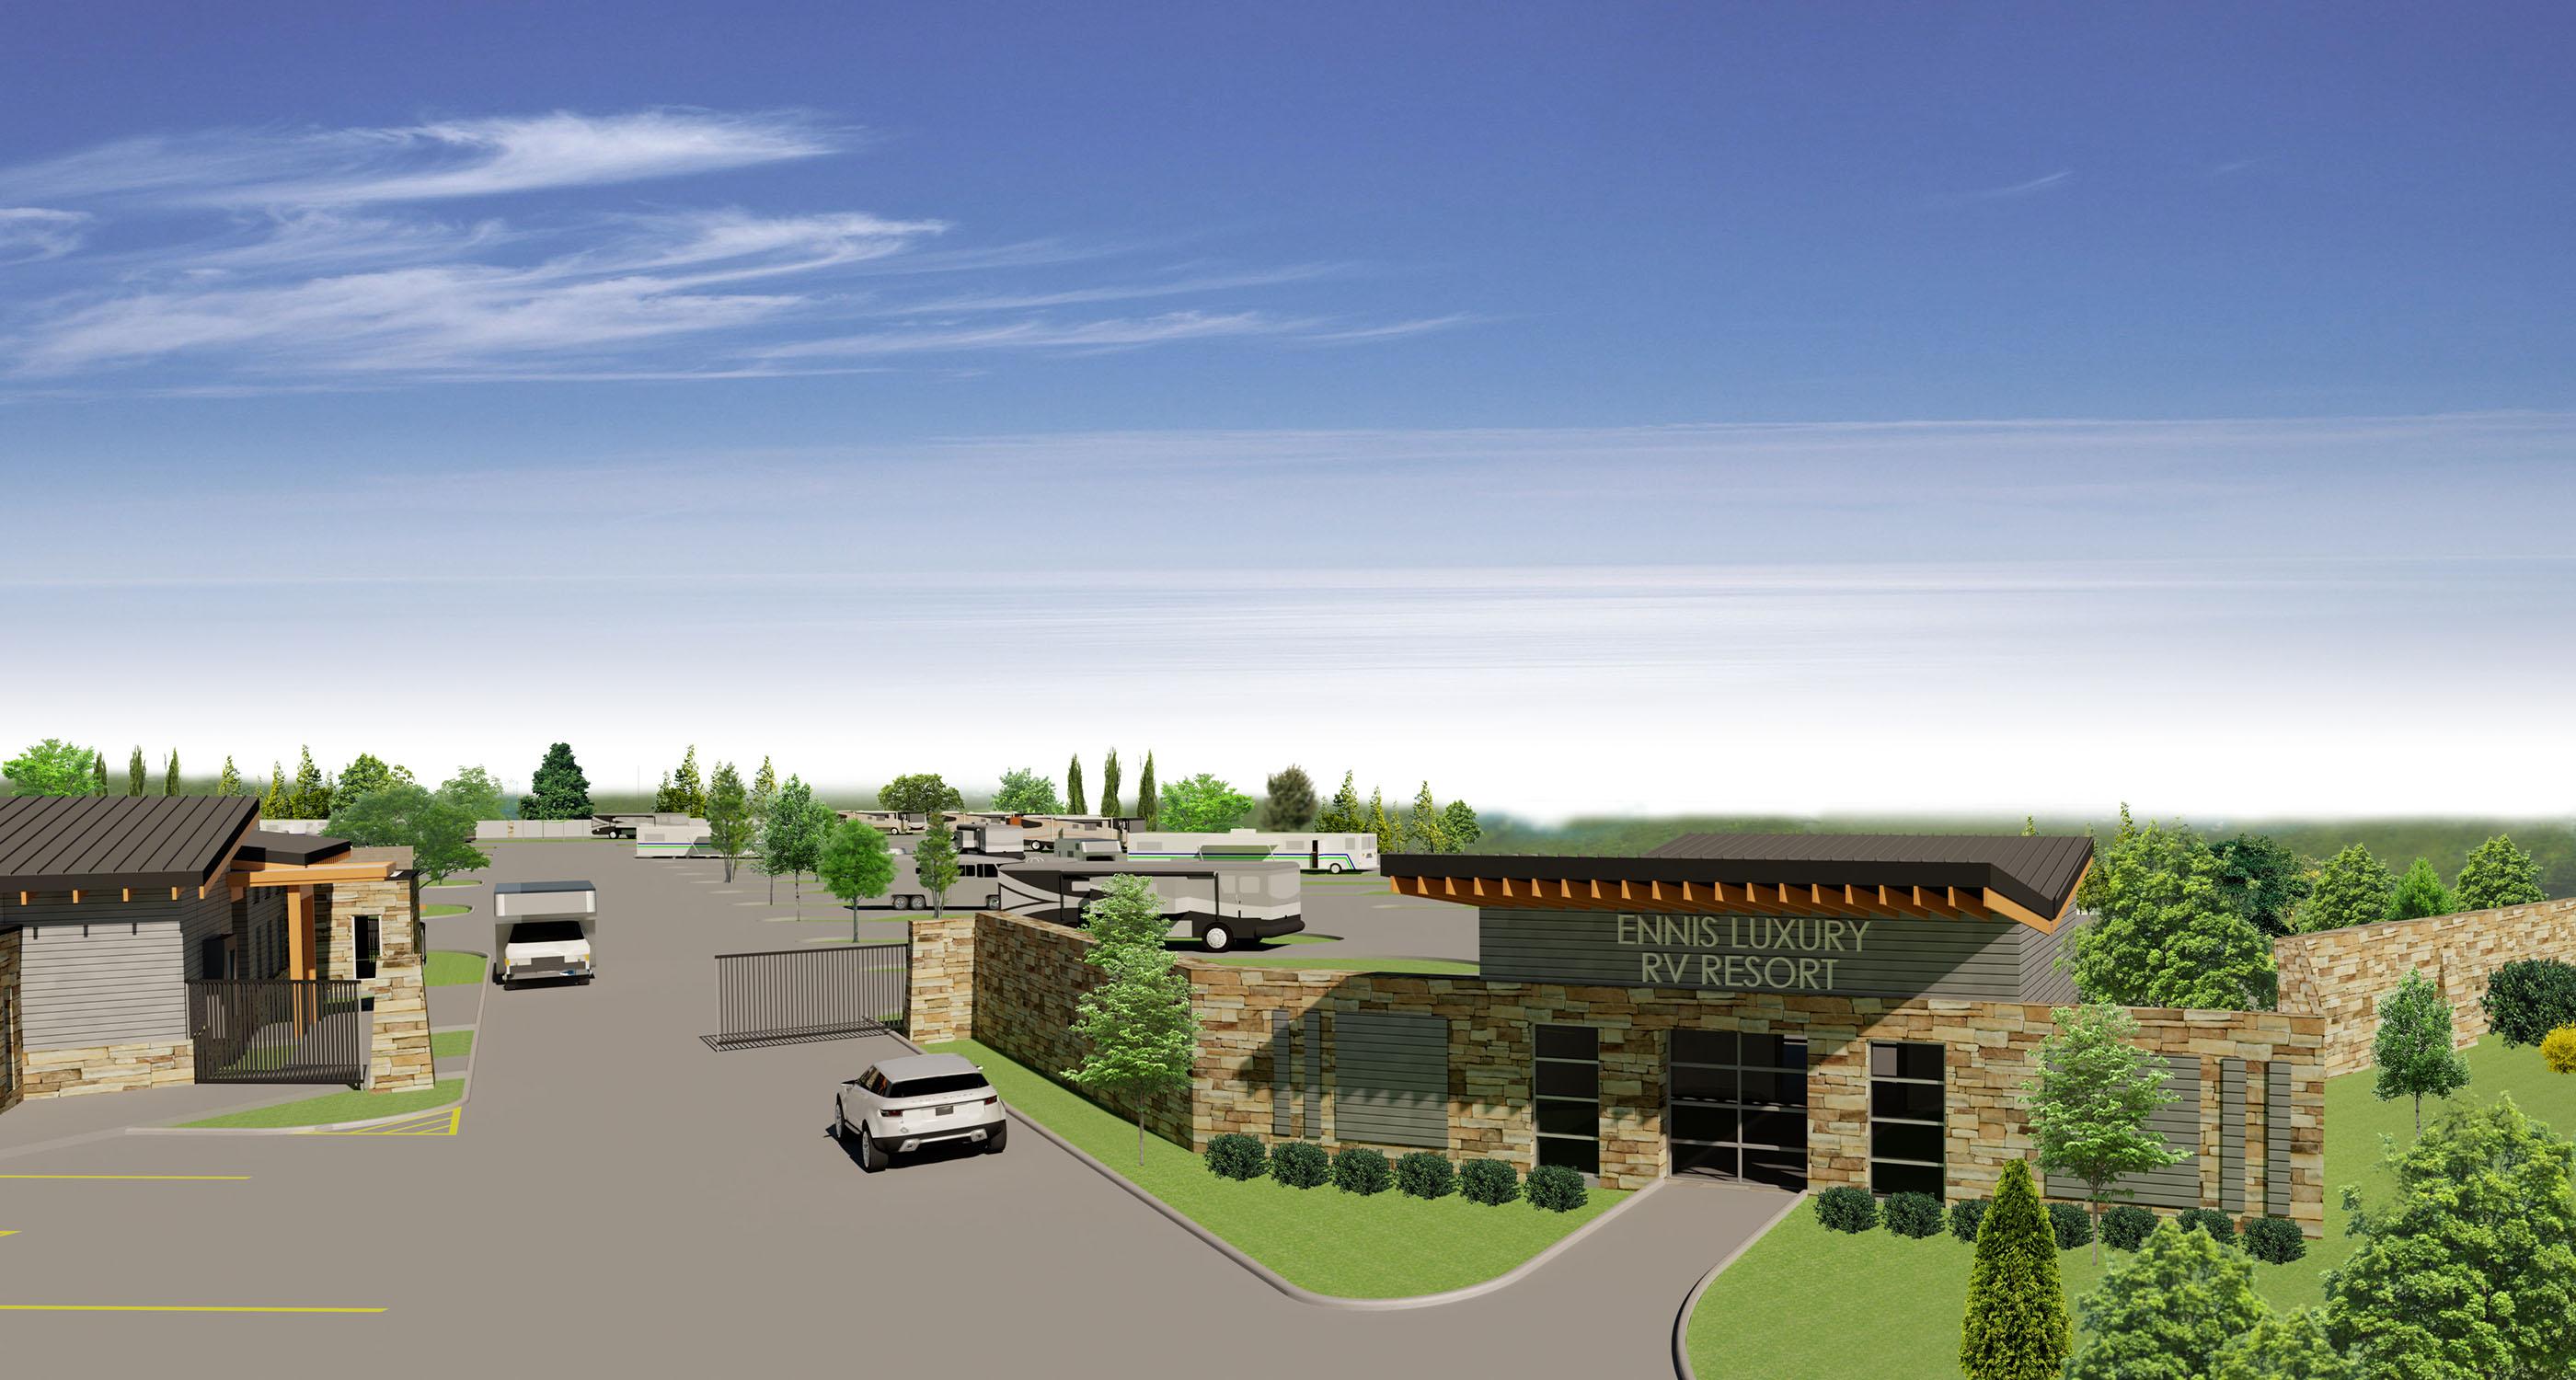 Ennis Luxury RV Resort Construction Progress